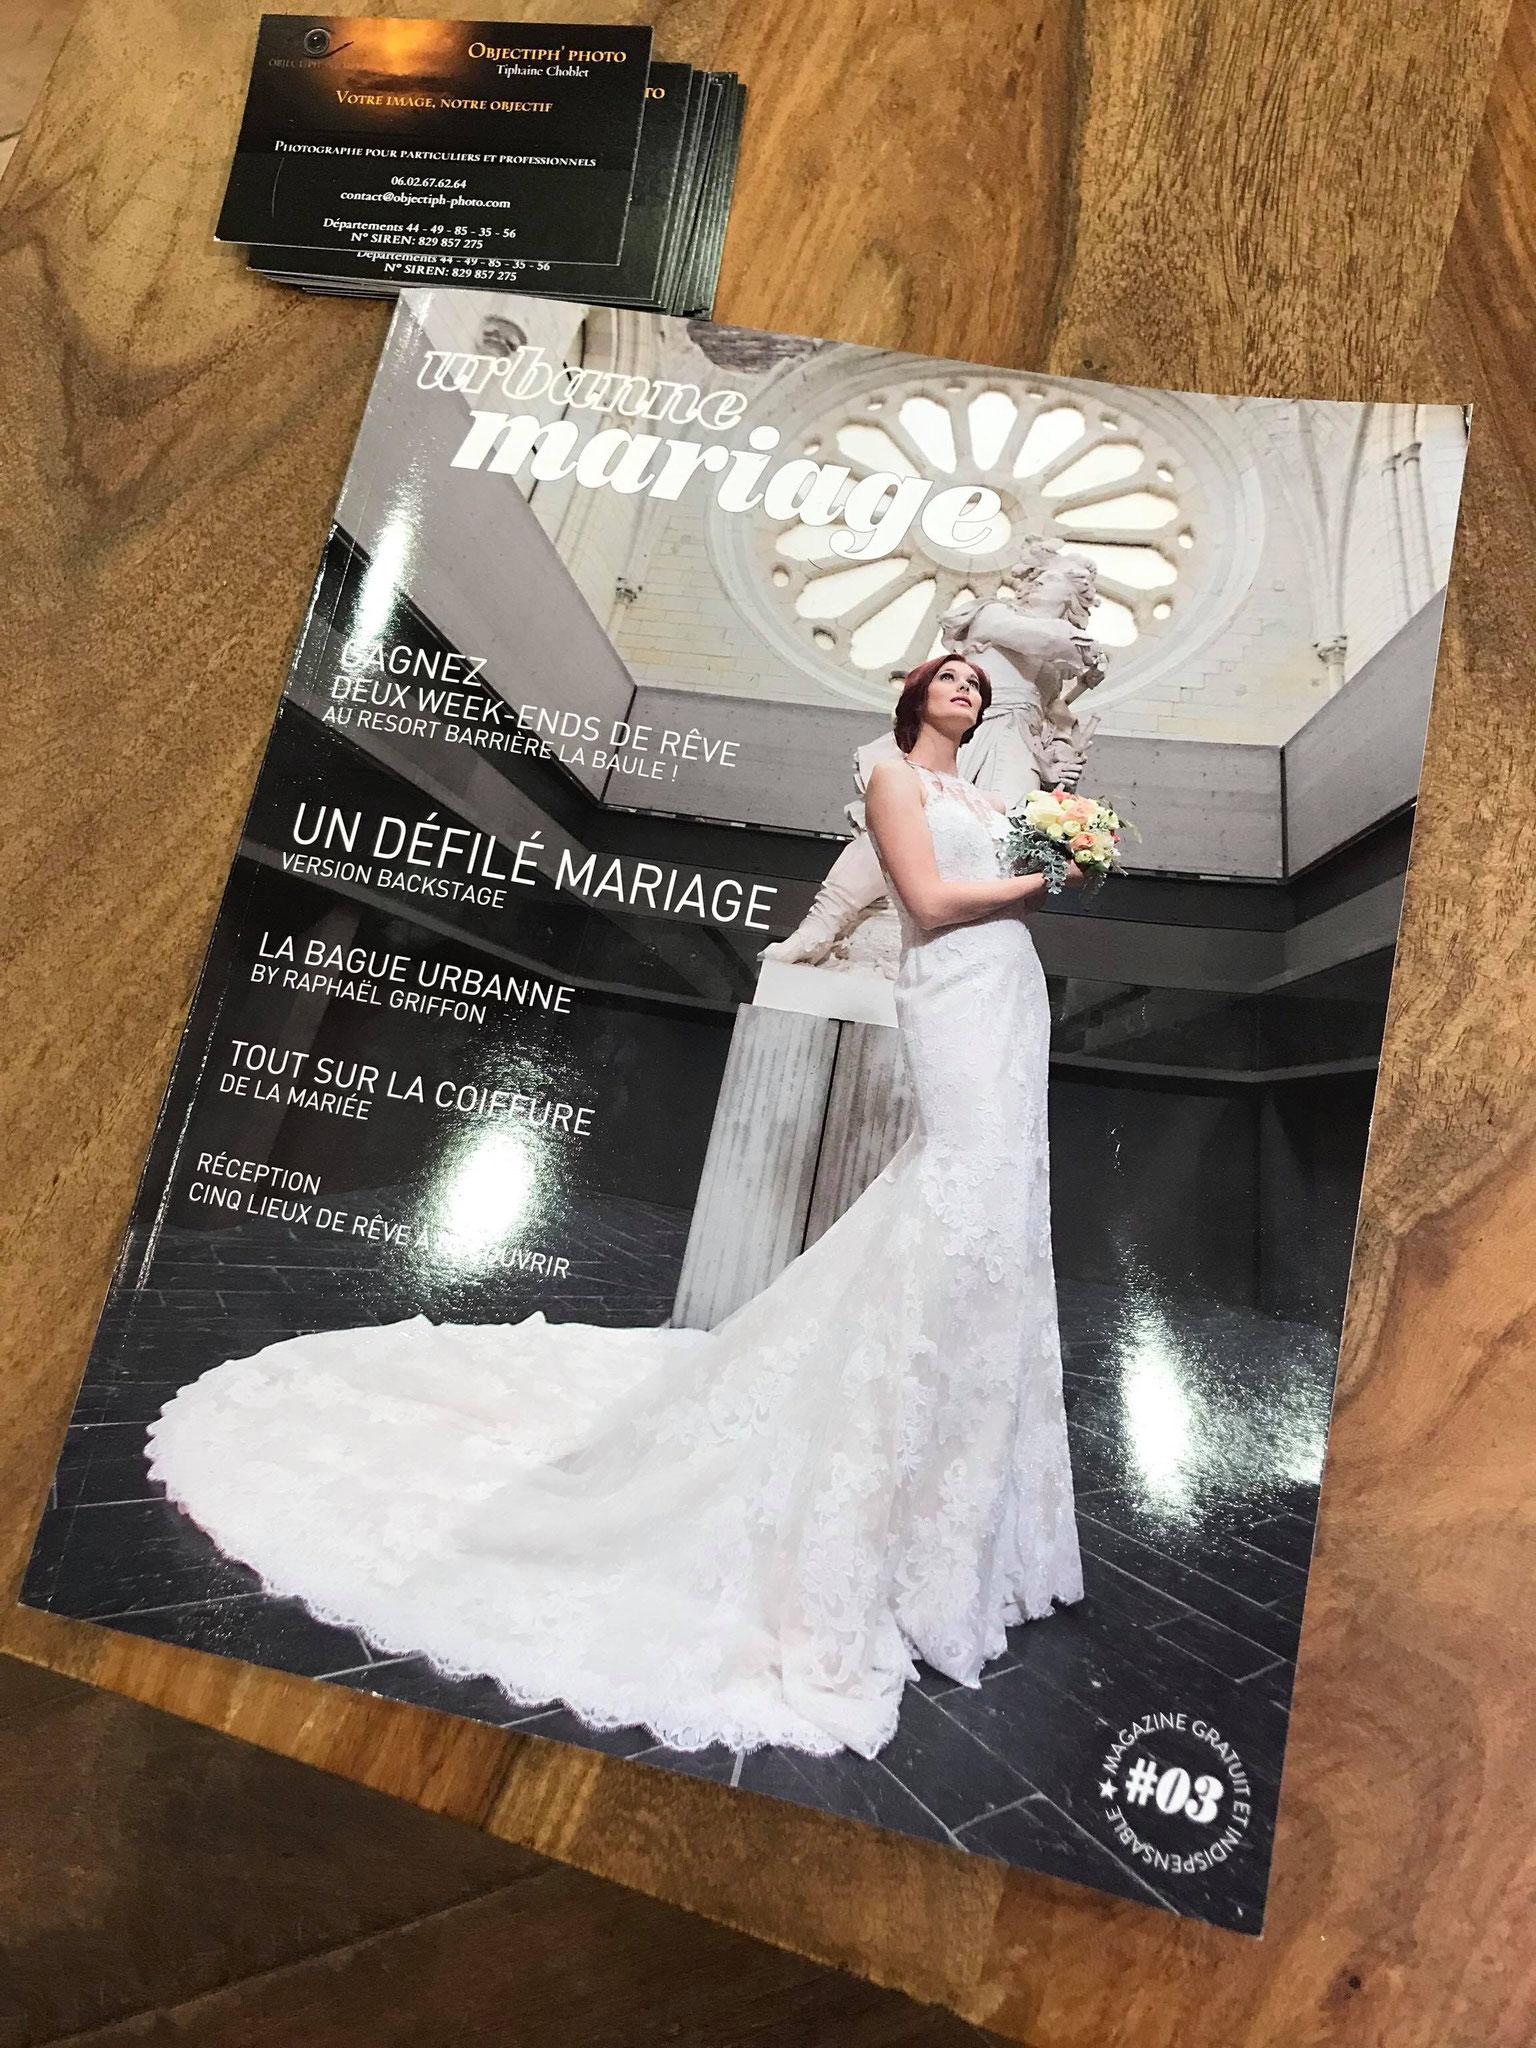 Publication des photos pour publicité Anthony coiffure Angers dans Urbanne mariage magazine